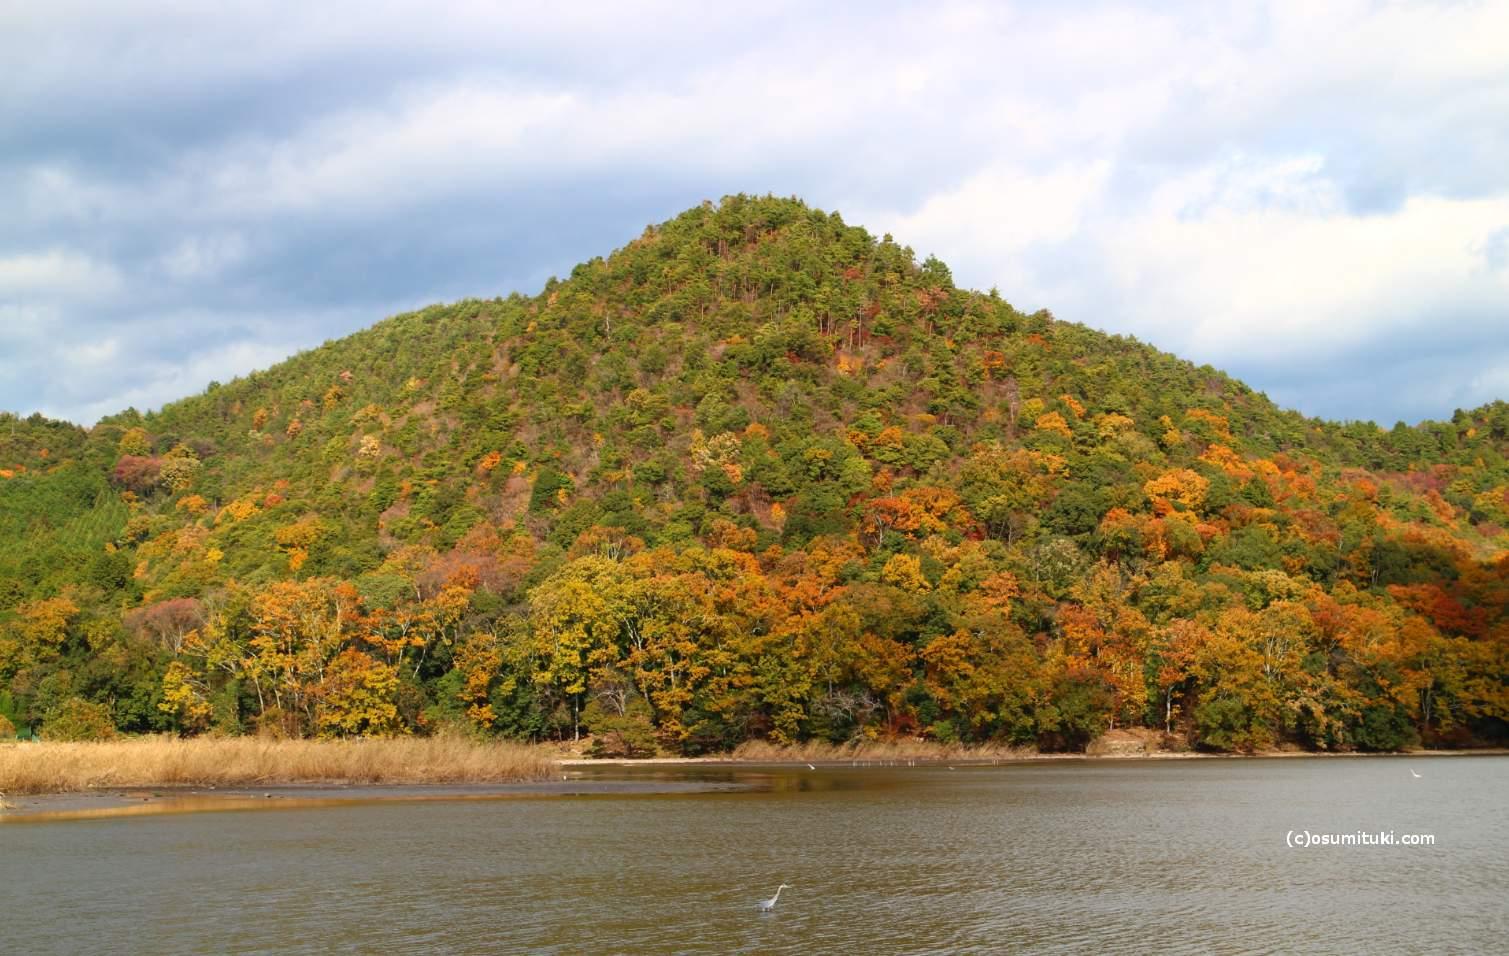 北嵯峨の山越にある広大な庭園から紅葉を見ることができます